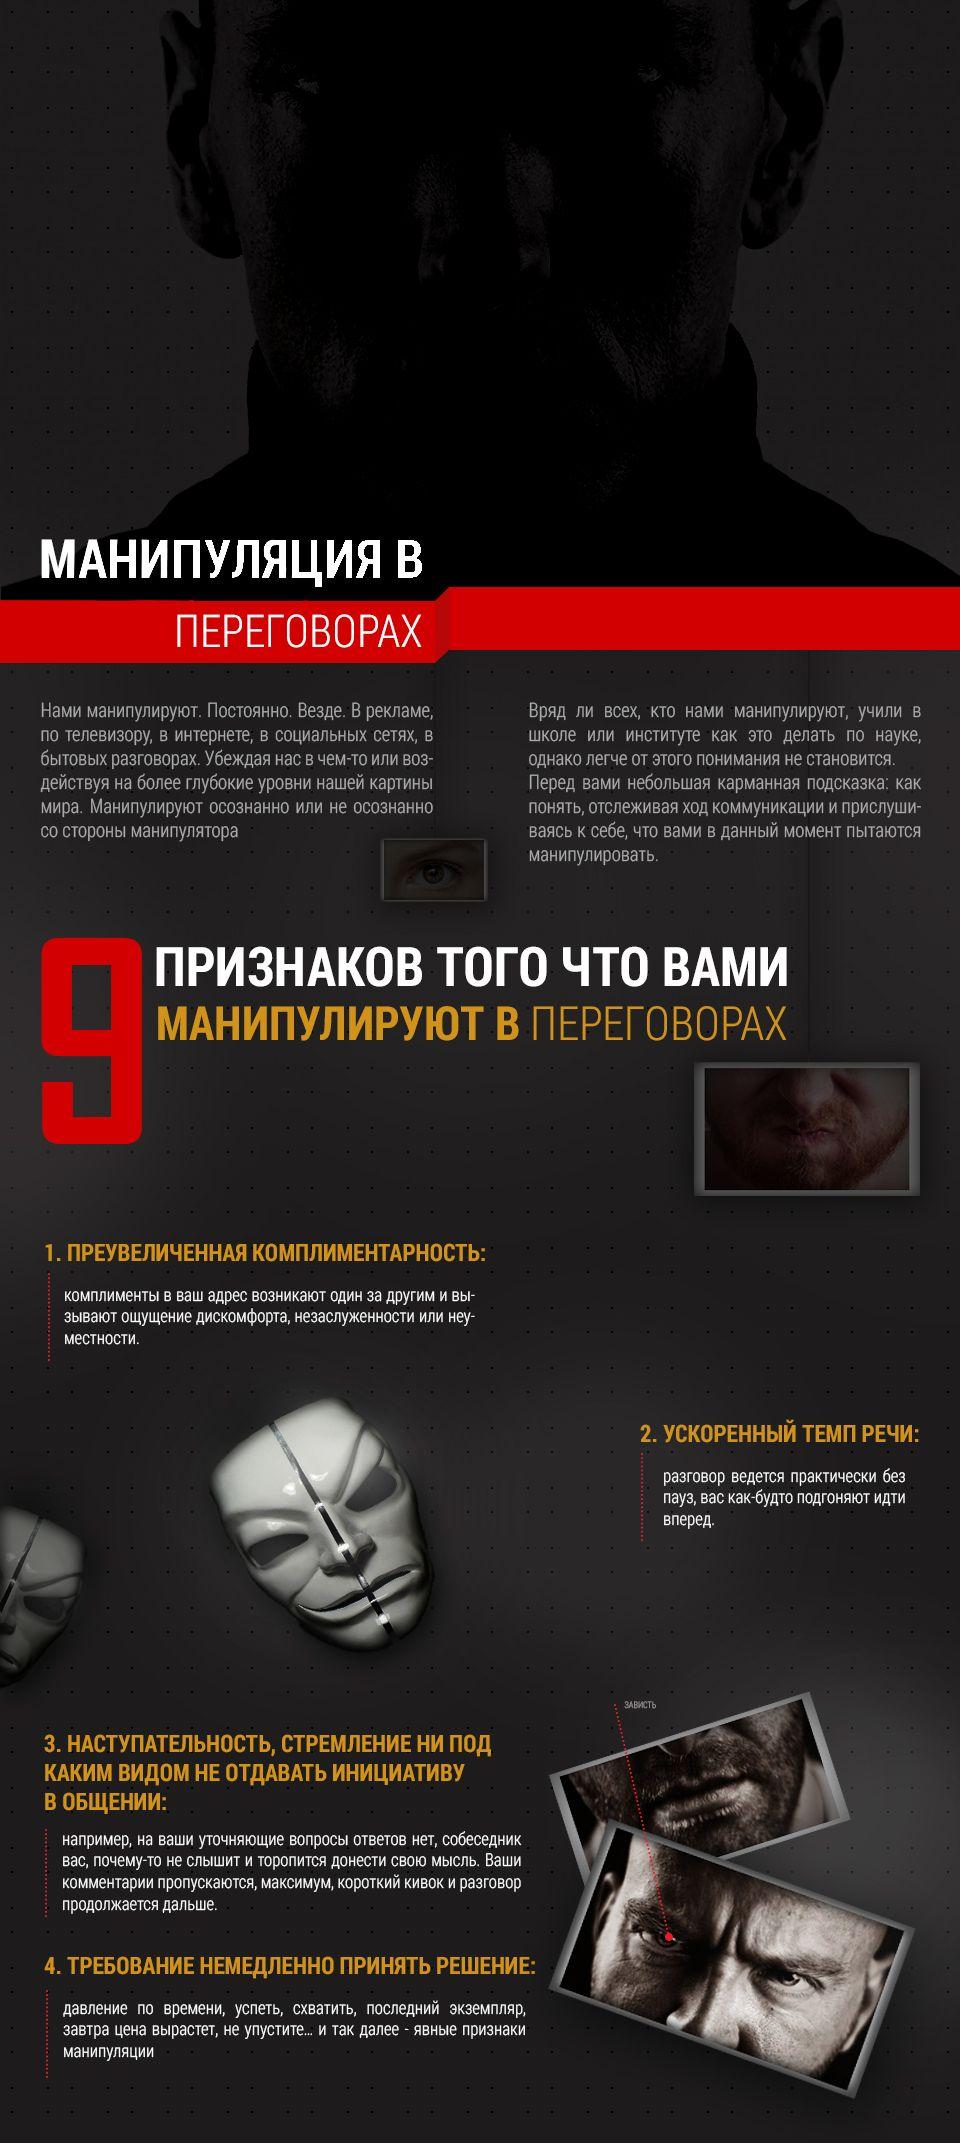 Инфографика по манипуляциям в переговорах  - дизайнер DynamicMotion